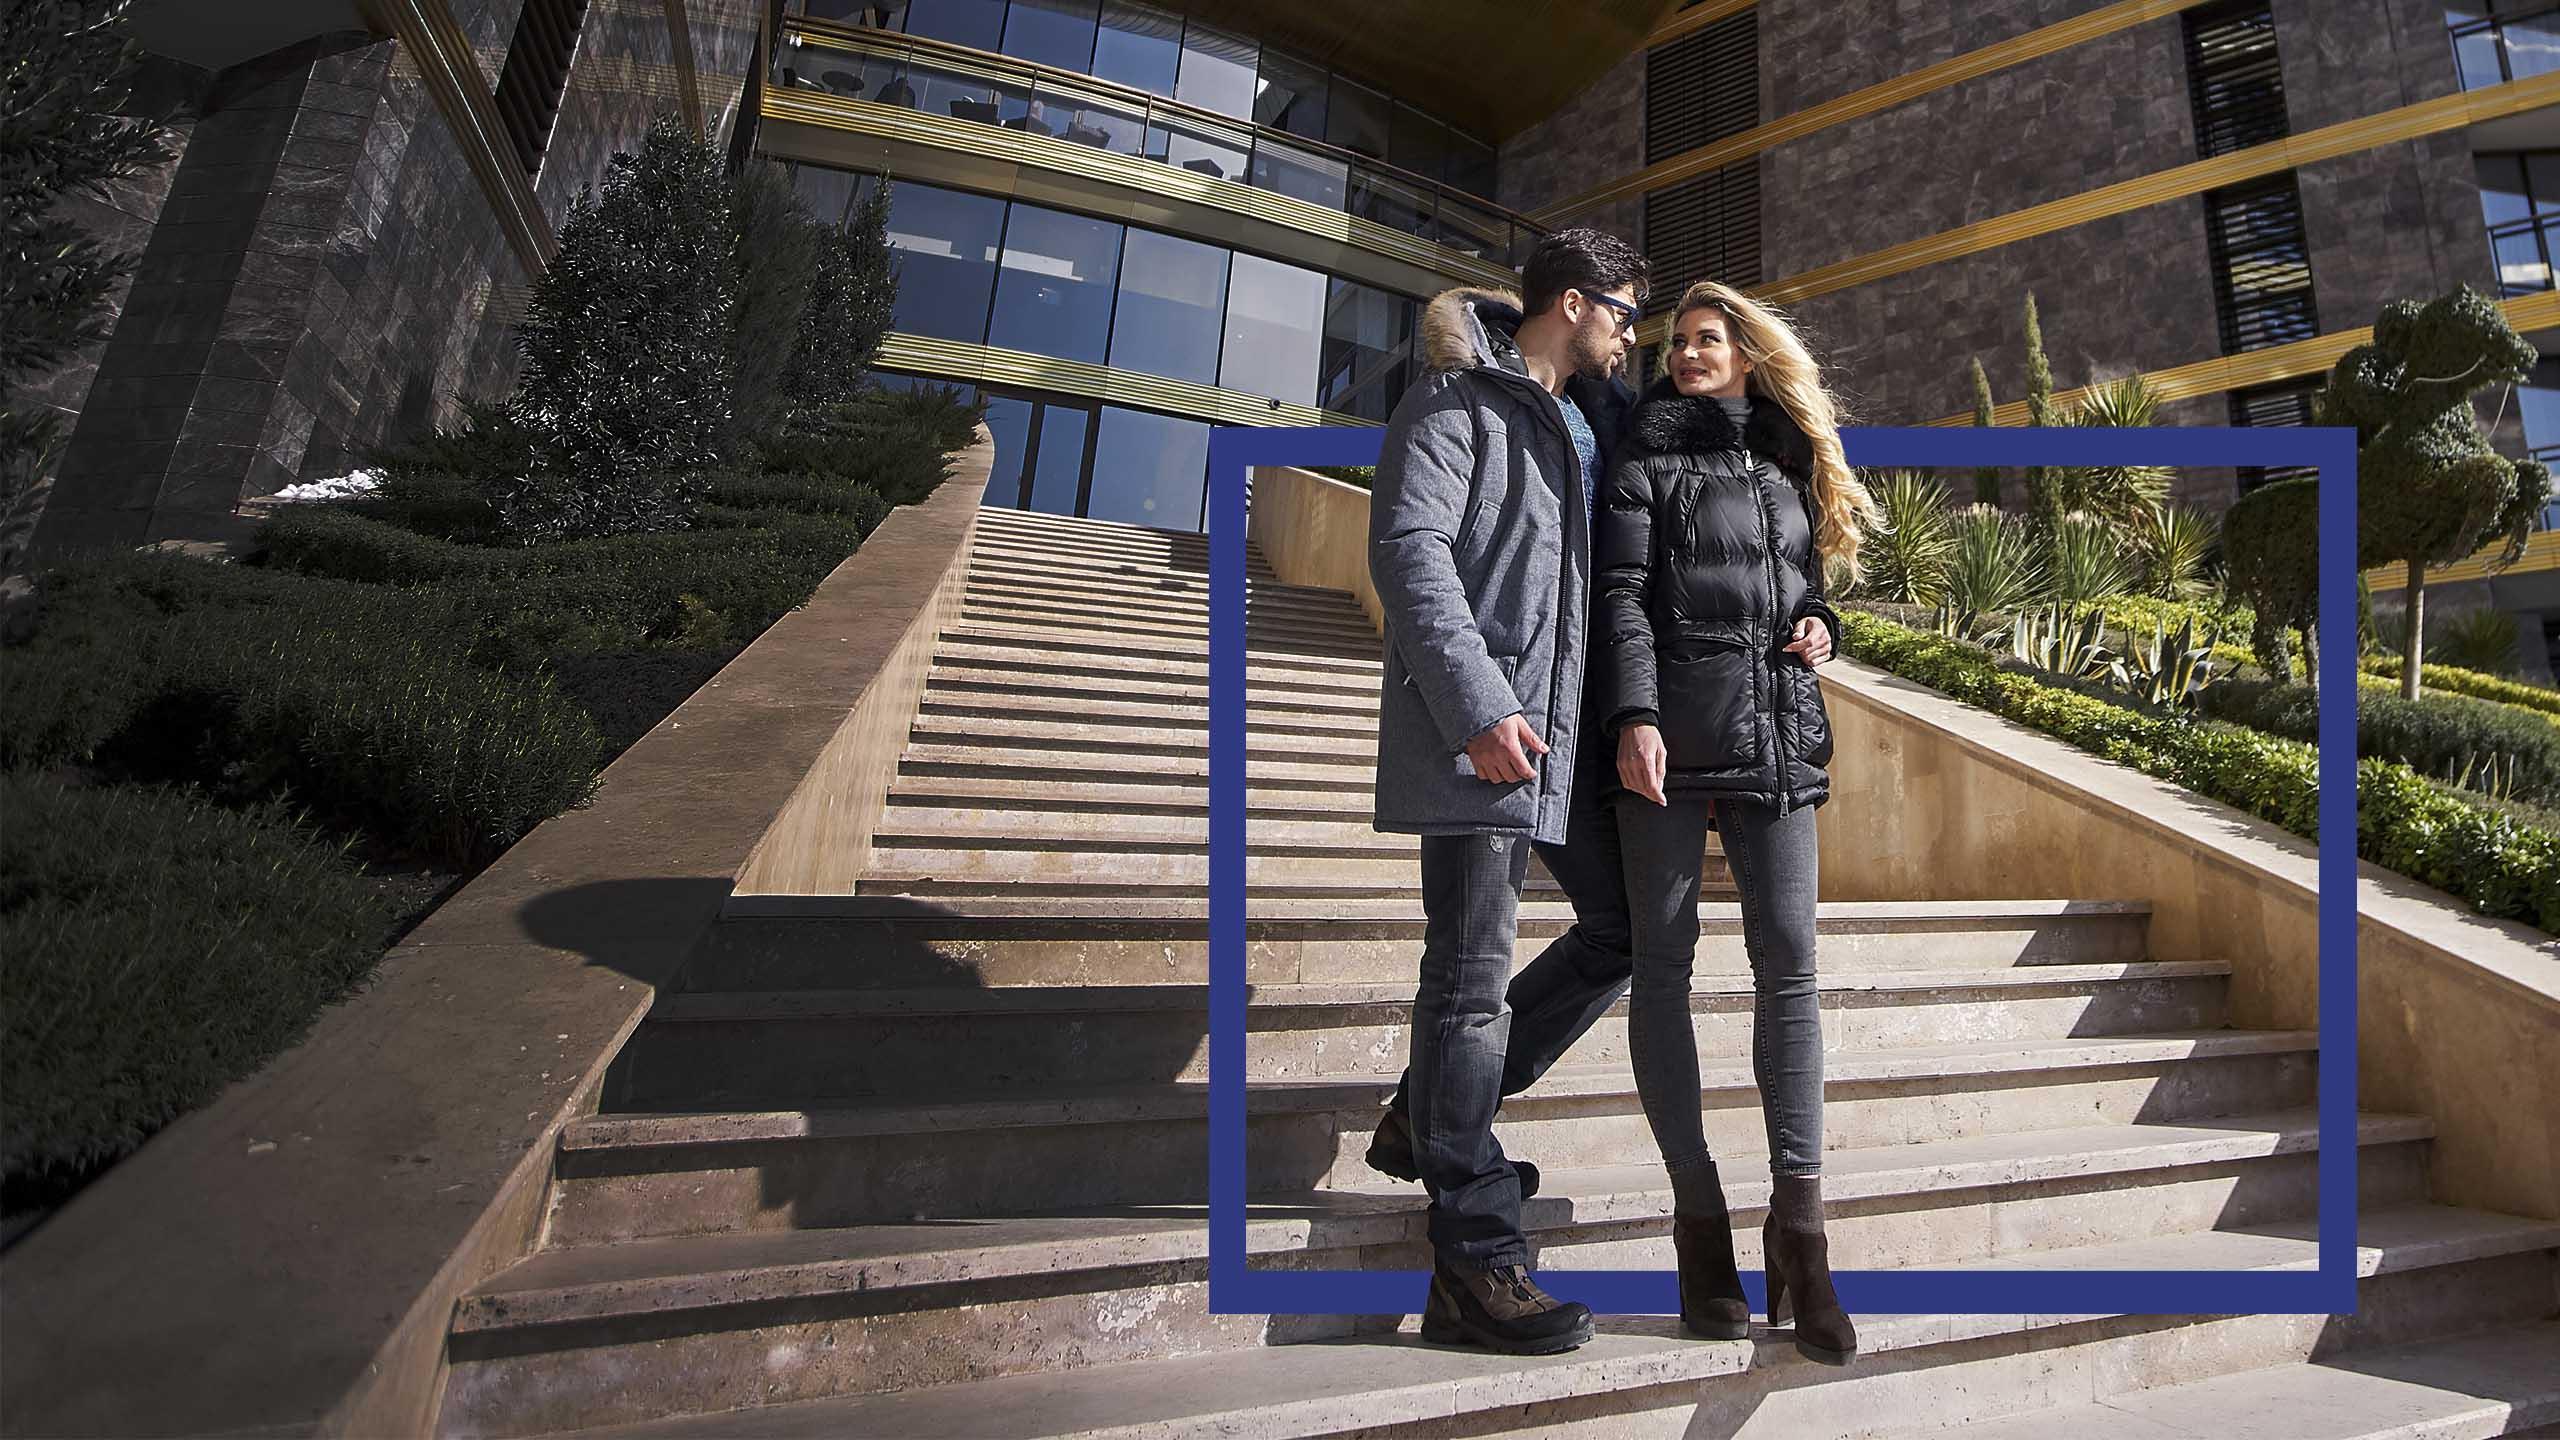 Купить куртки Сканди Финланд в Москве - стиль и комфорт